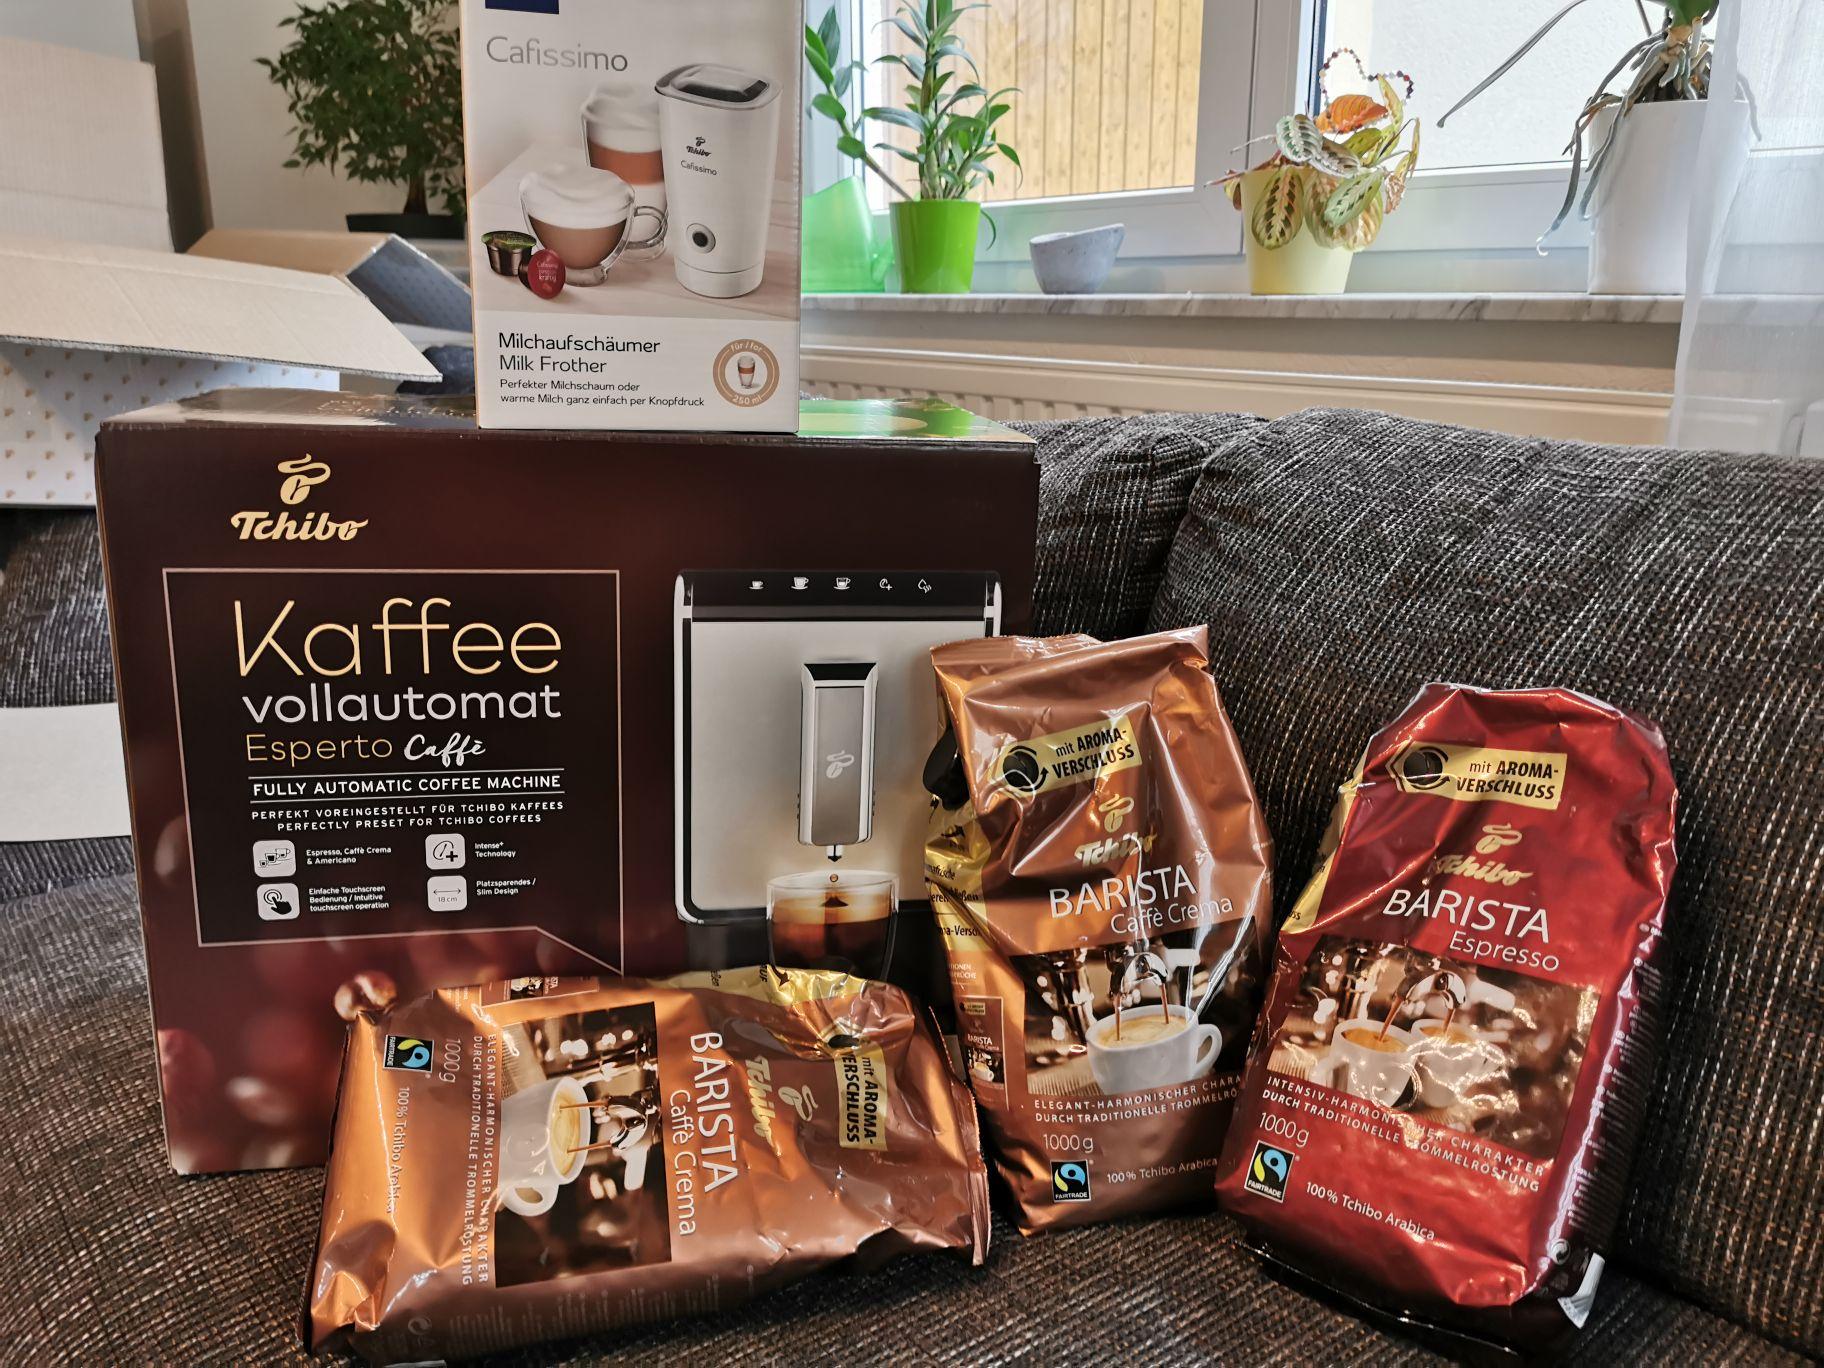 Tchibo Kaffee Vollautomat Komplettset. Für Tchibo Card Besitzer!